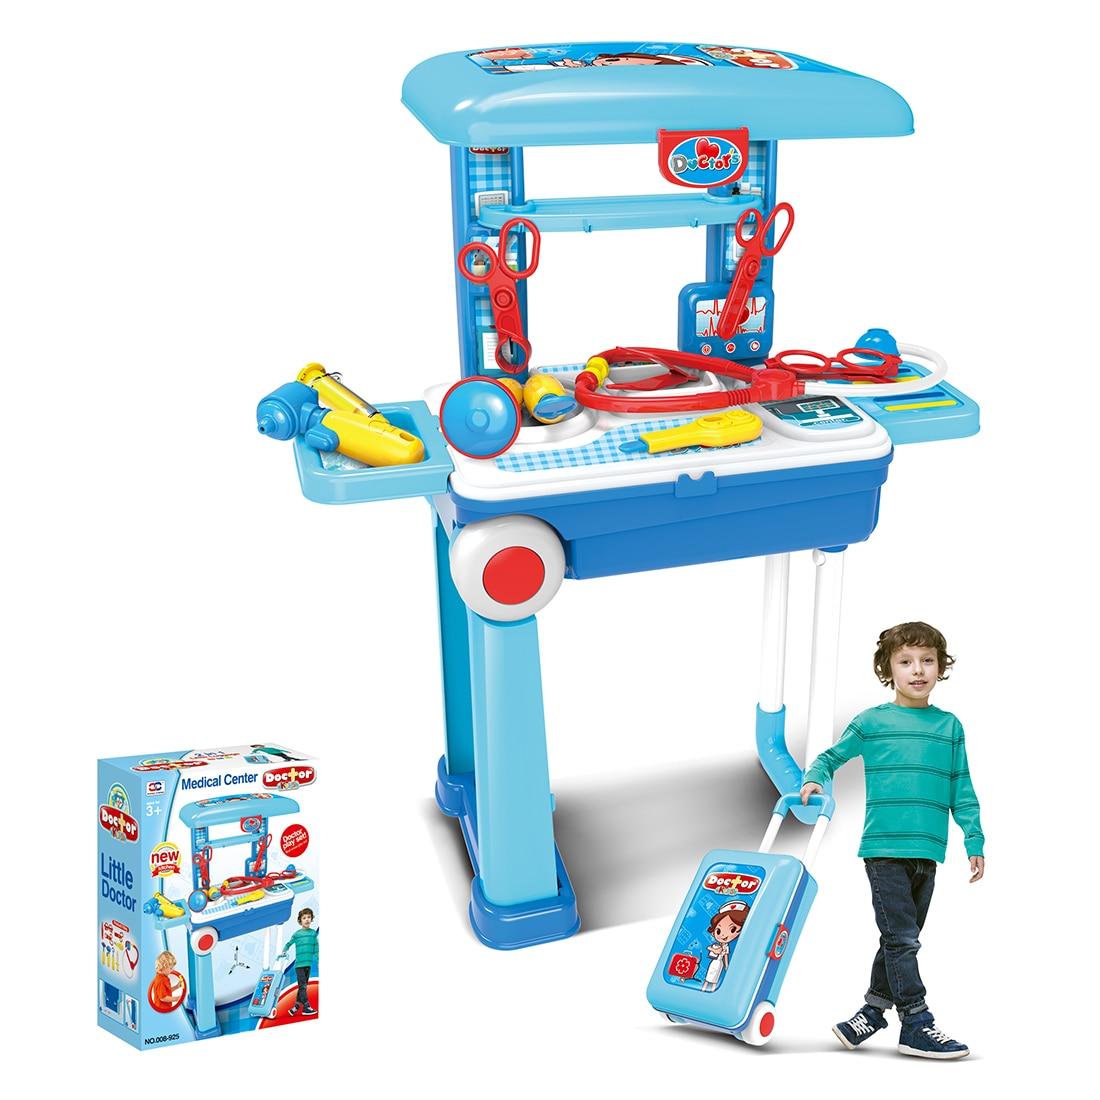 Enfants docteur outils ensembles semblant jouer établi Playset jouet éducatif avec organisateur de bagages docteur jouet